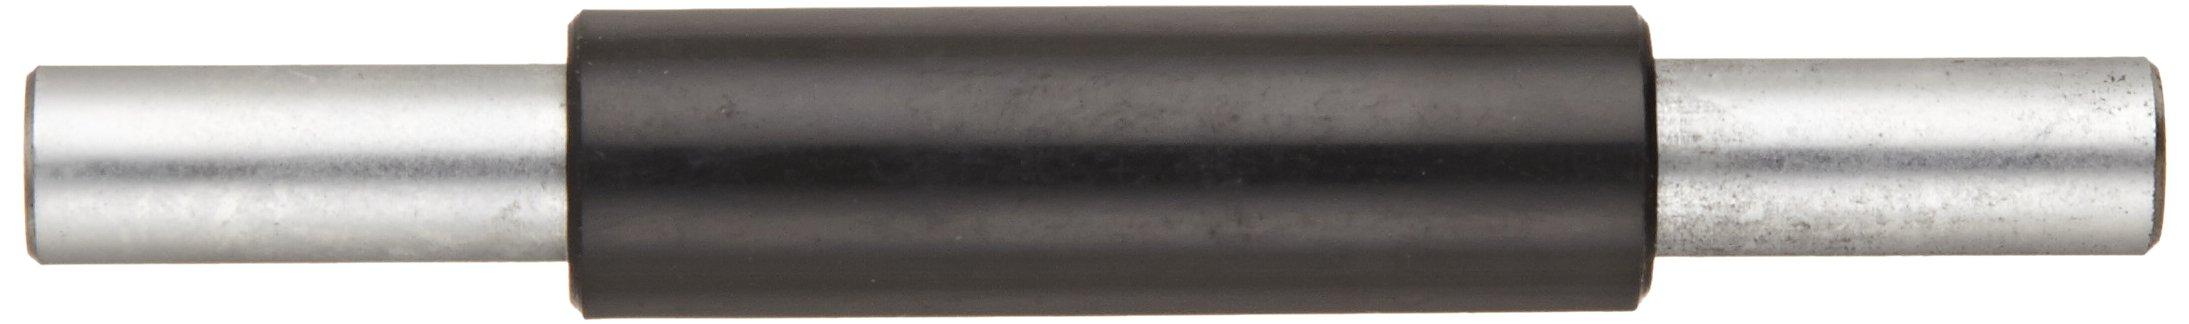 Fowler 52-227-003-1 Inch Individual Micrometer Standard, 3'' Max Measuring